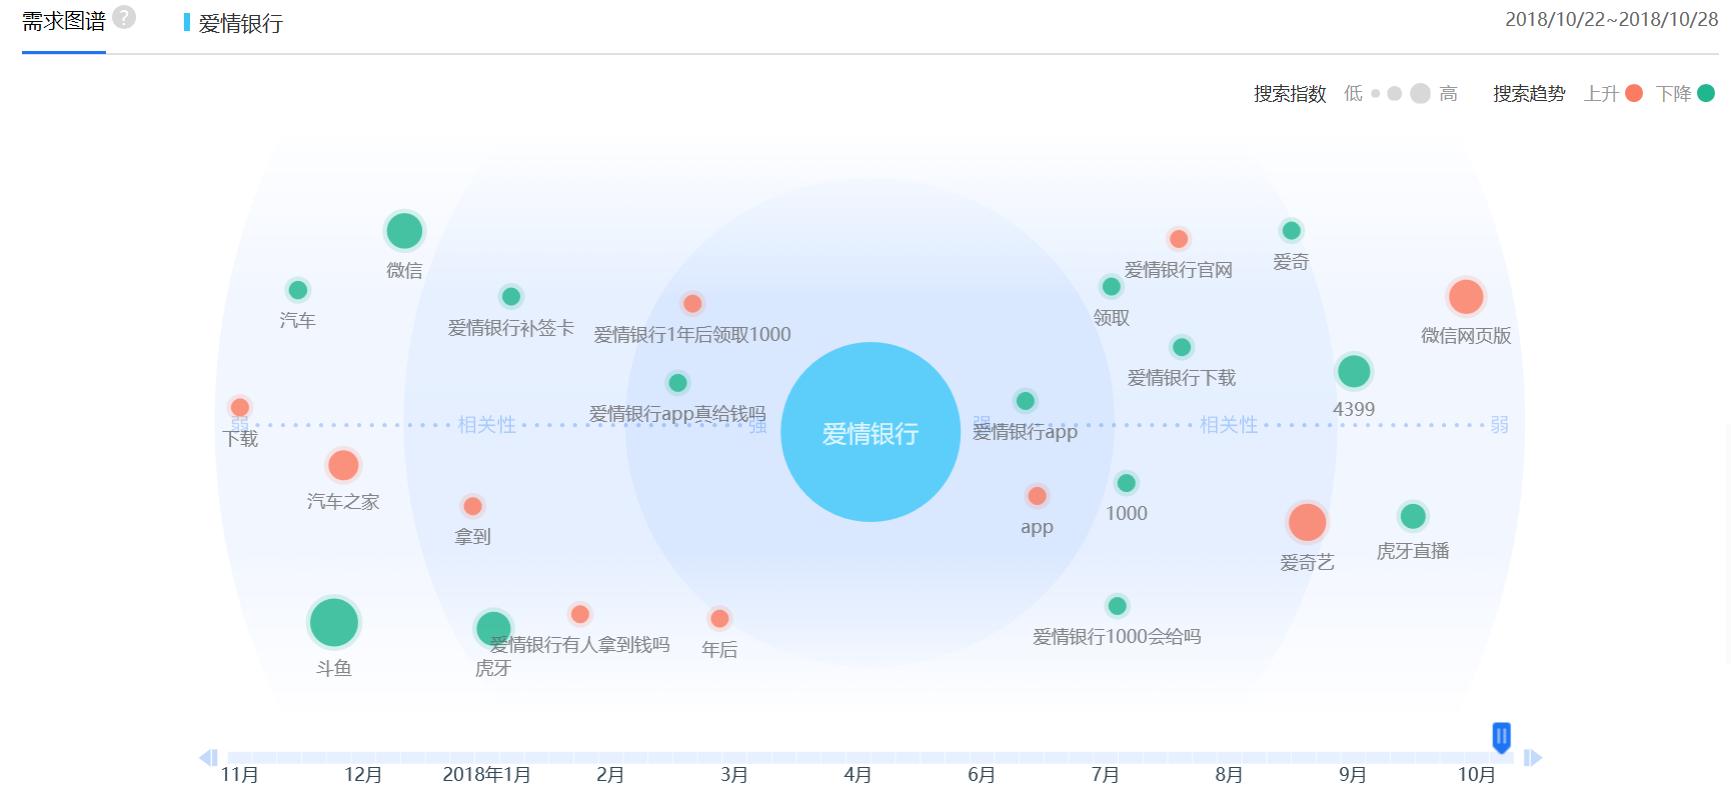 鸟哥笔记,行业动态,苏黎,行业动态,产品分析,用户画像